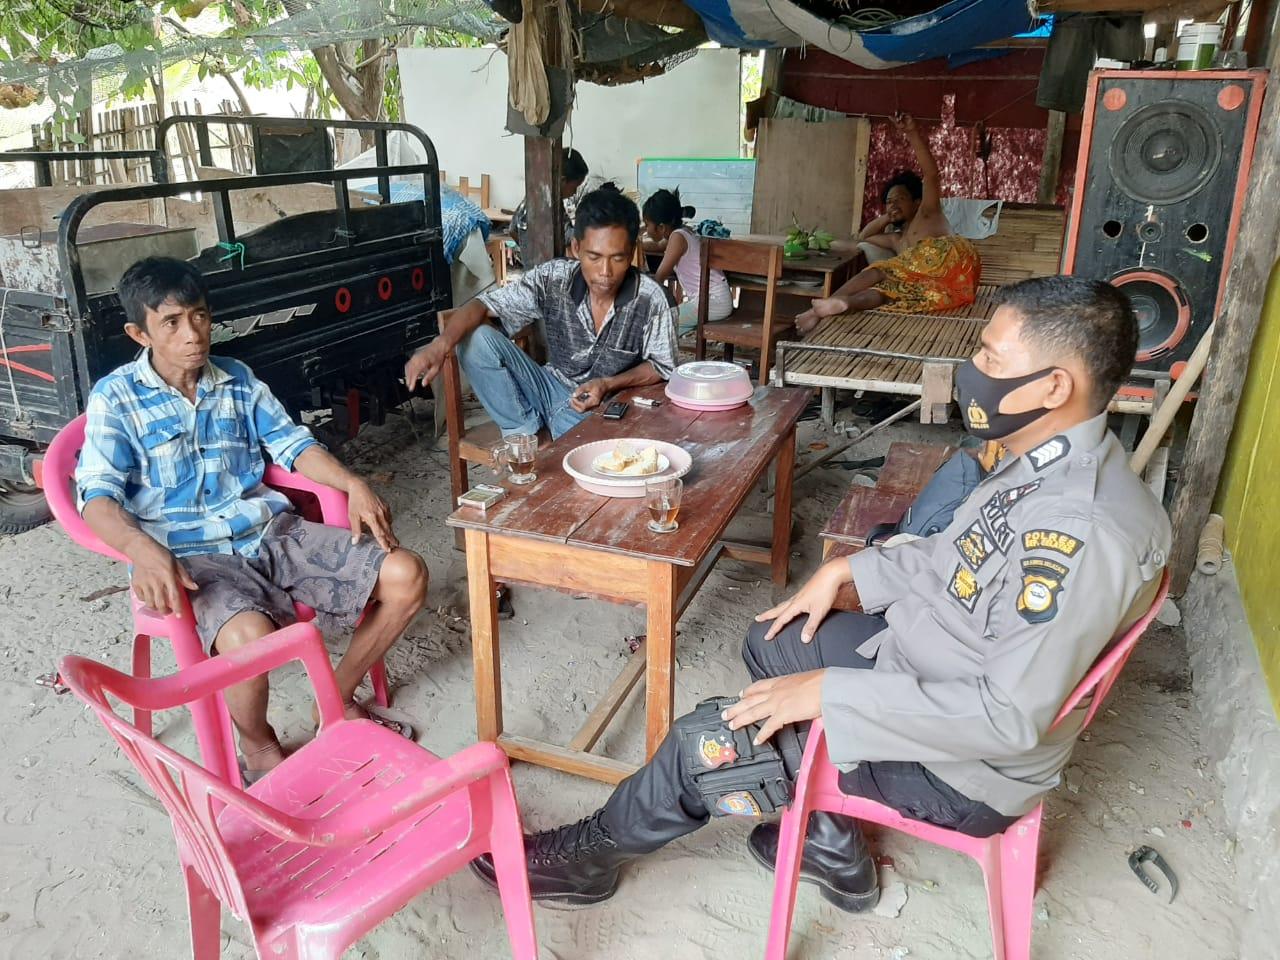 Bhabinkamtibmas Desa Nyiur Indah Ajak Masyarakat Sukseskan Pilkada Selayar